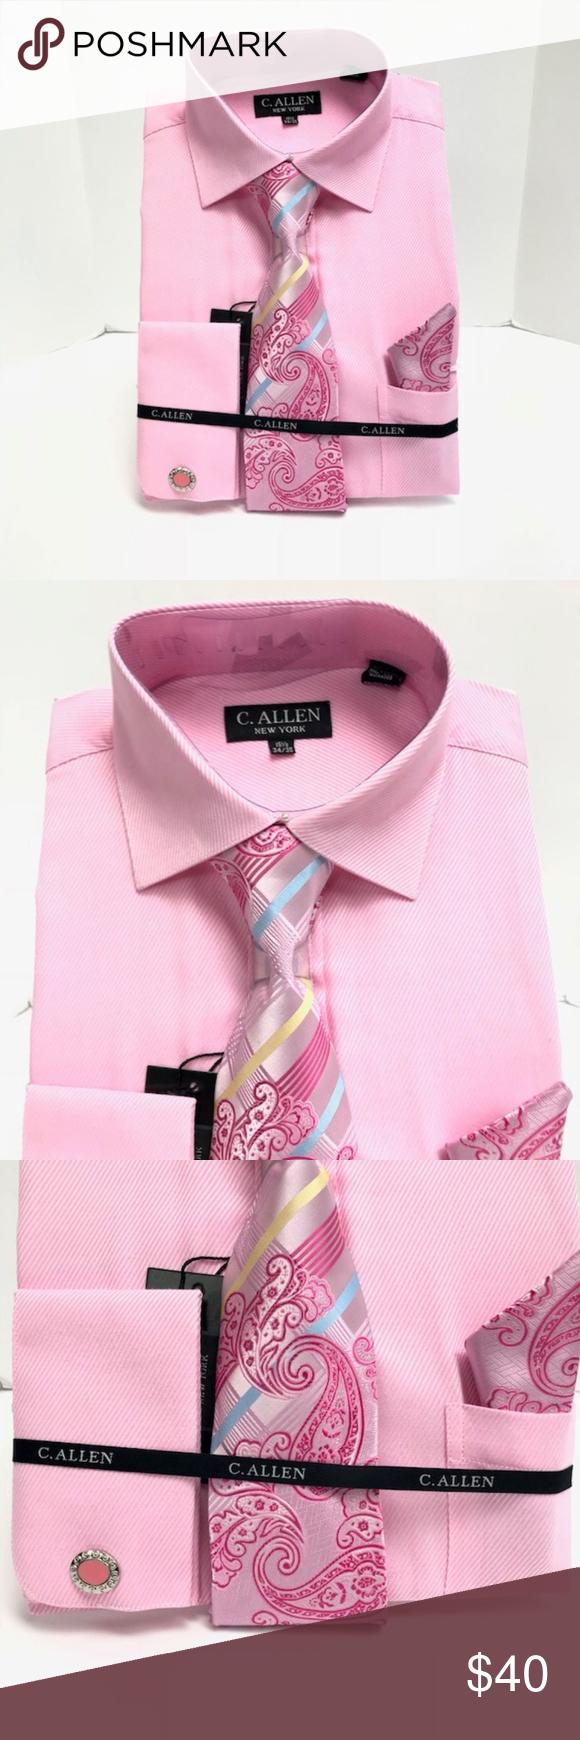 Yellow dress shirt men  C Allen Combo Pack Pink Dress Shirt Menus New Boutique  Pinterest